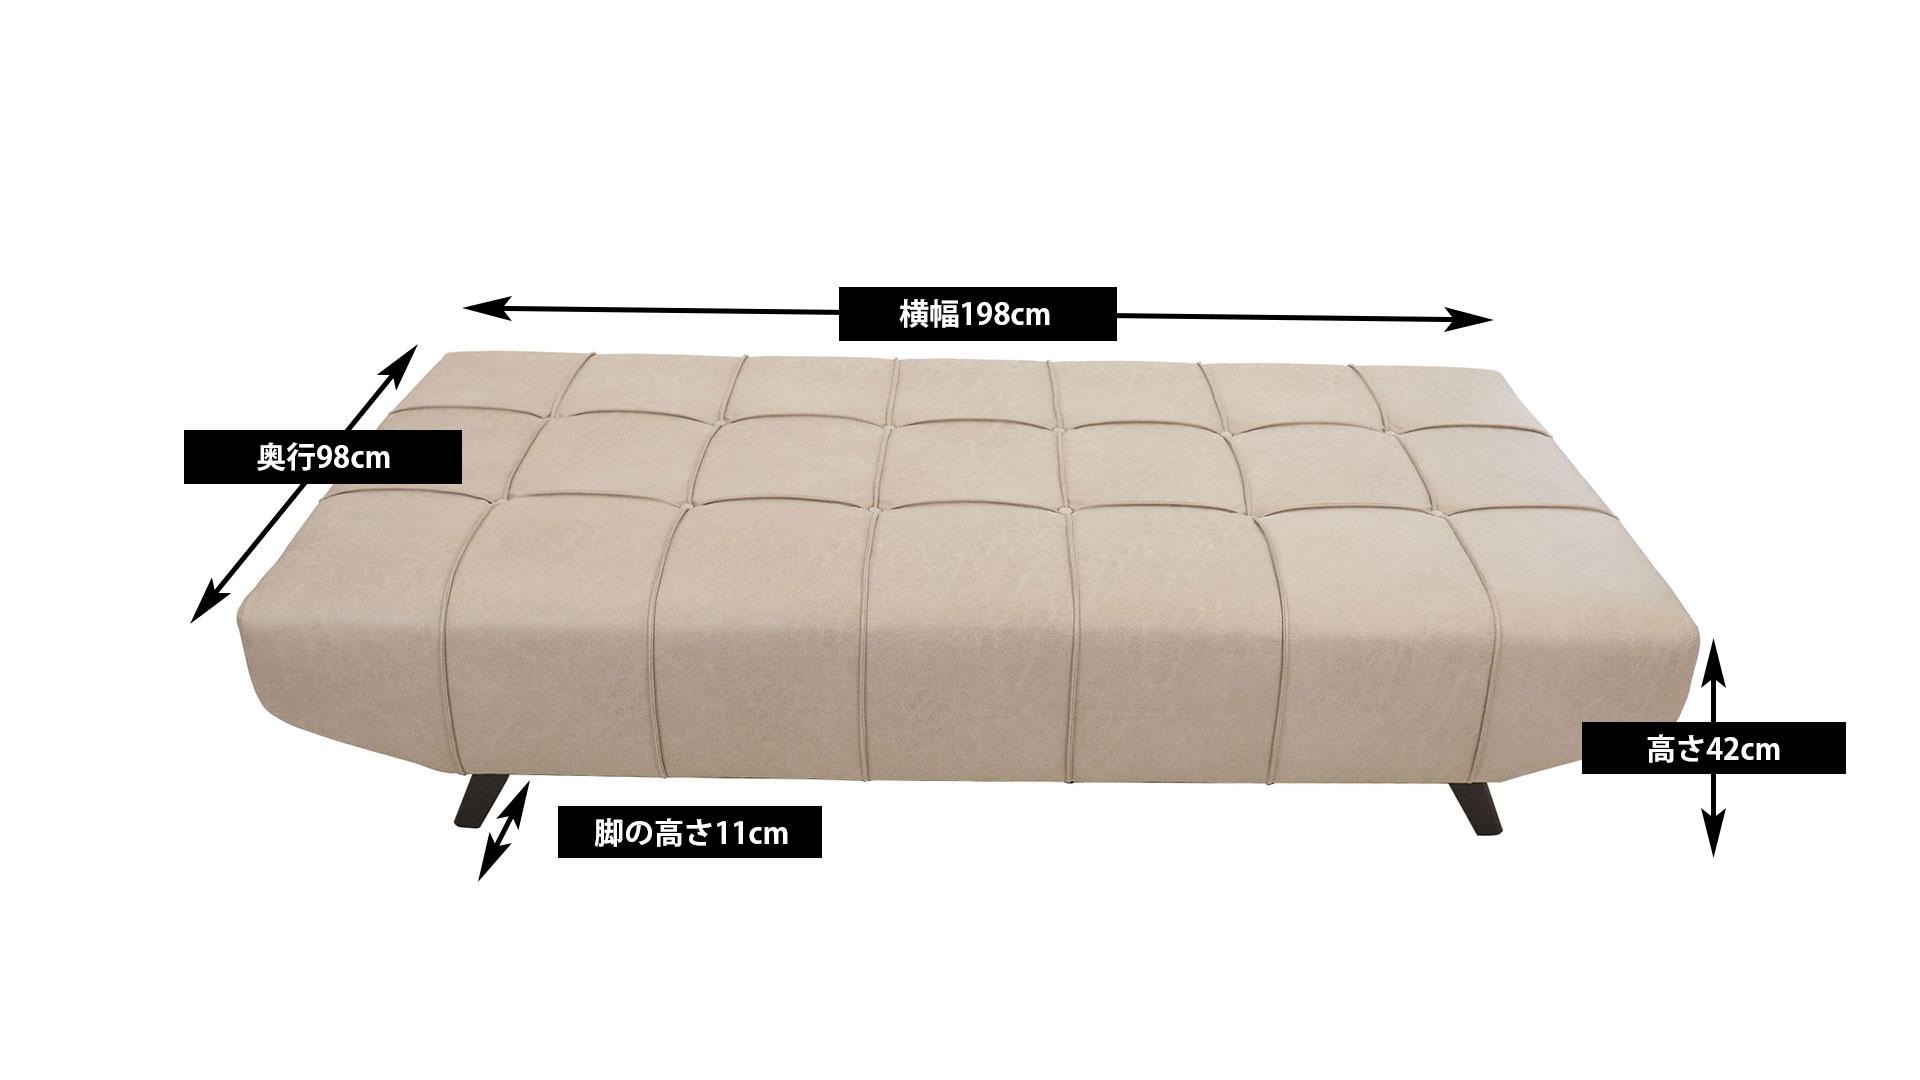 アスクインのベッドソファ、トニーのグレー色の本体のサイズの説明の画像